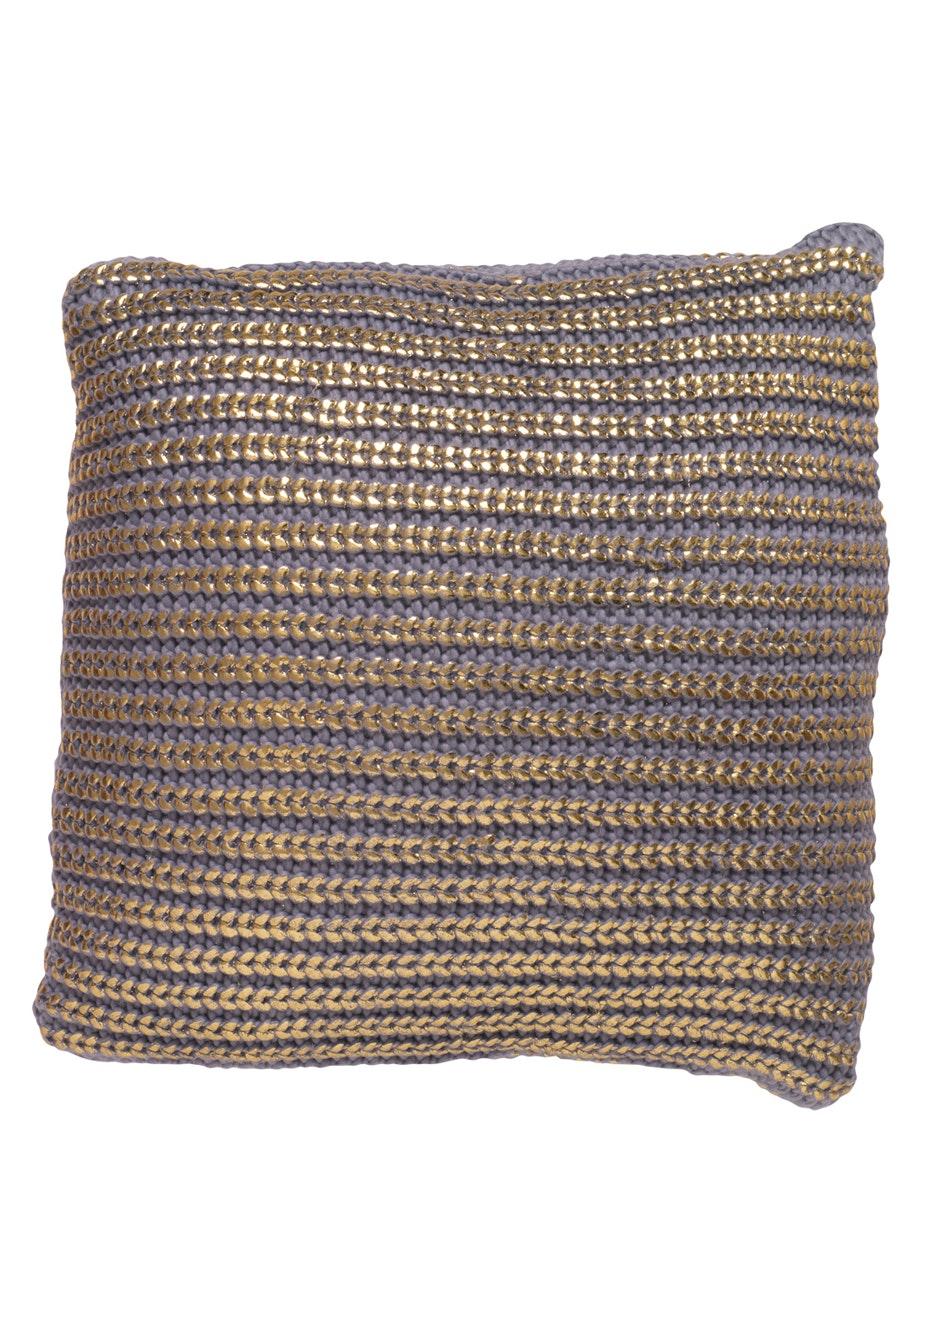 Jason - Gold knit cushion